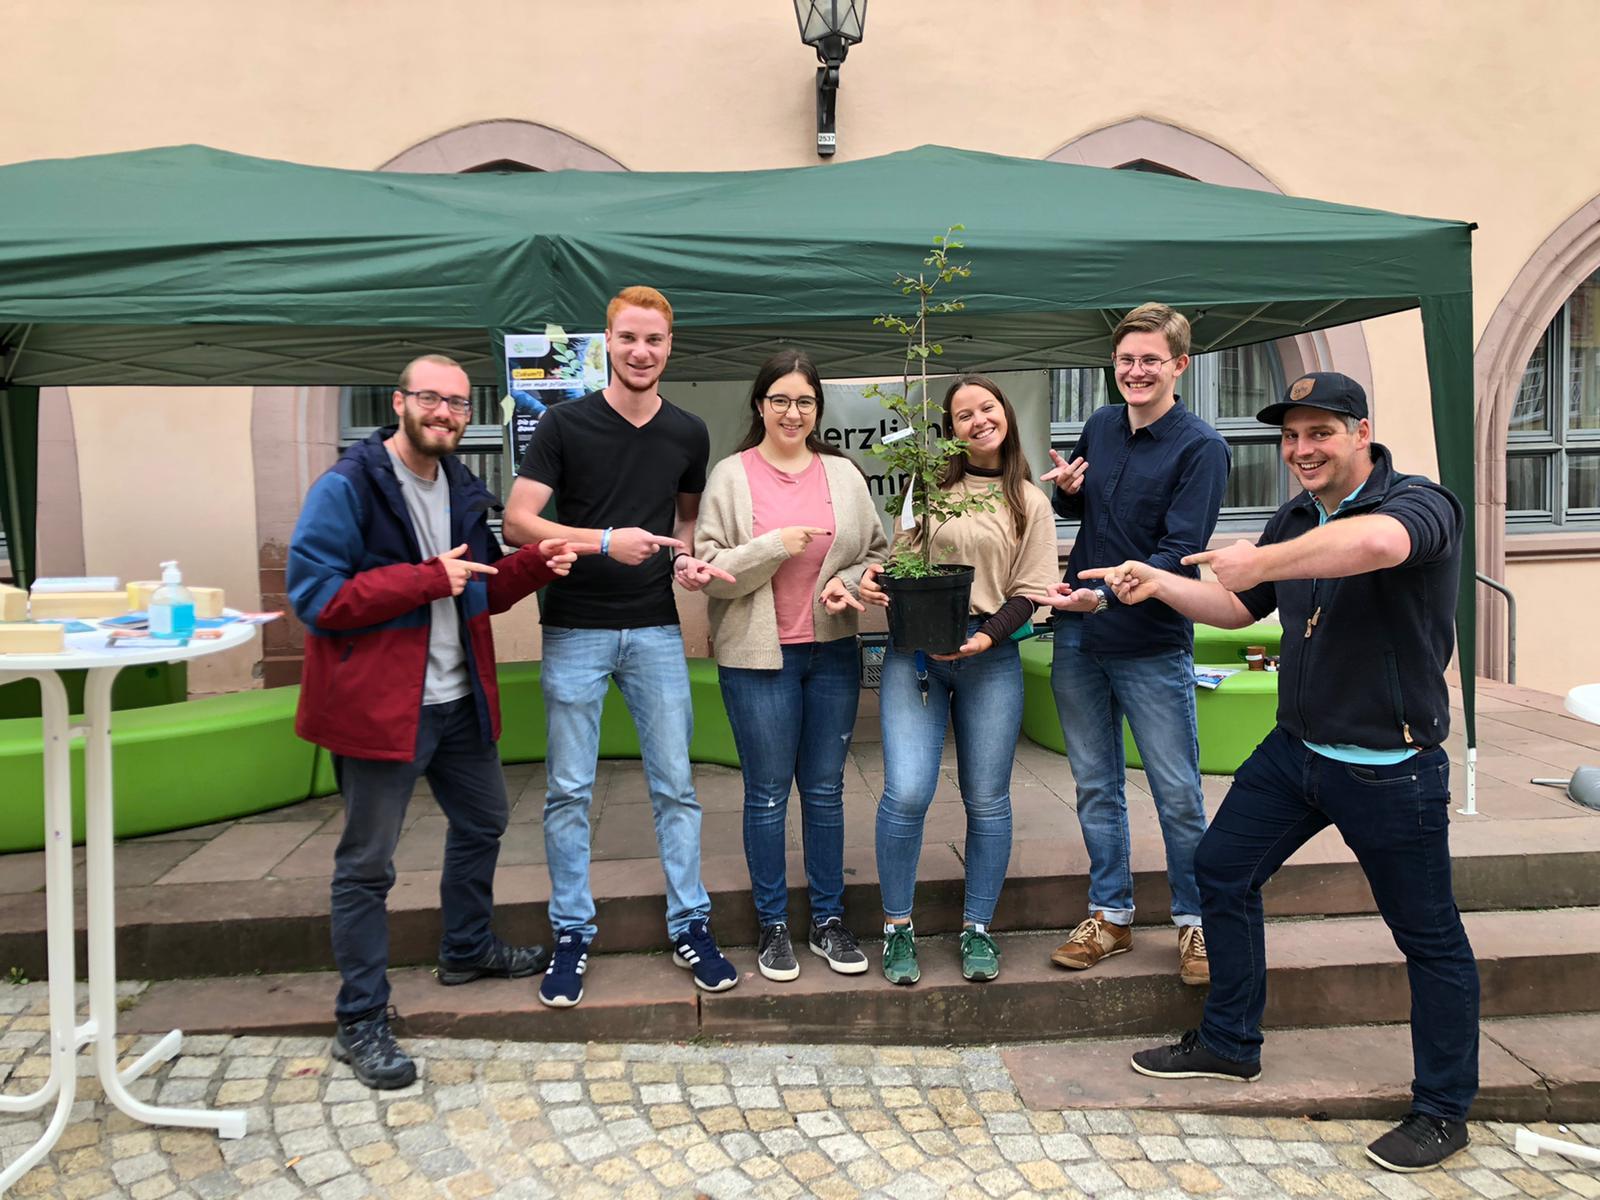 Die Ehrenamtlichen des Kath.Jugendreferat/BDKJ-Dekanatsstelle Rottweil haben am  Tag der Deutschen Einheit eine Baumpflanzaktion zum Thema Einheitsbuddeln gemacht. Foto: BDKJ